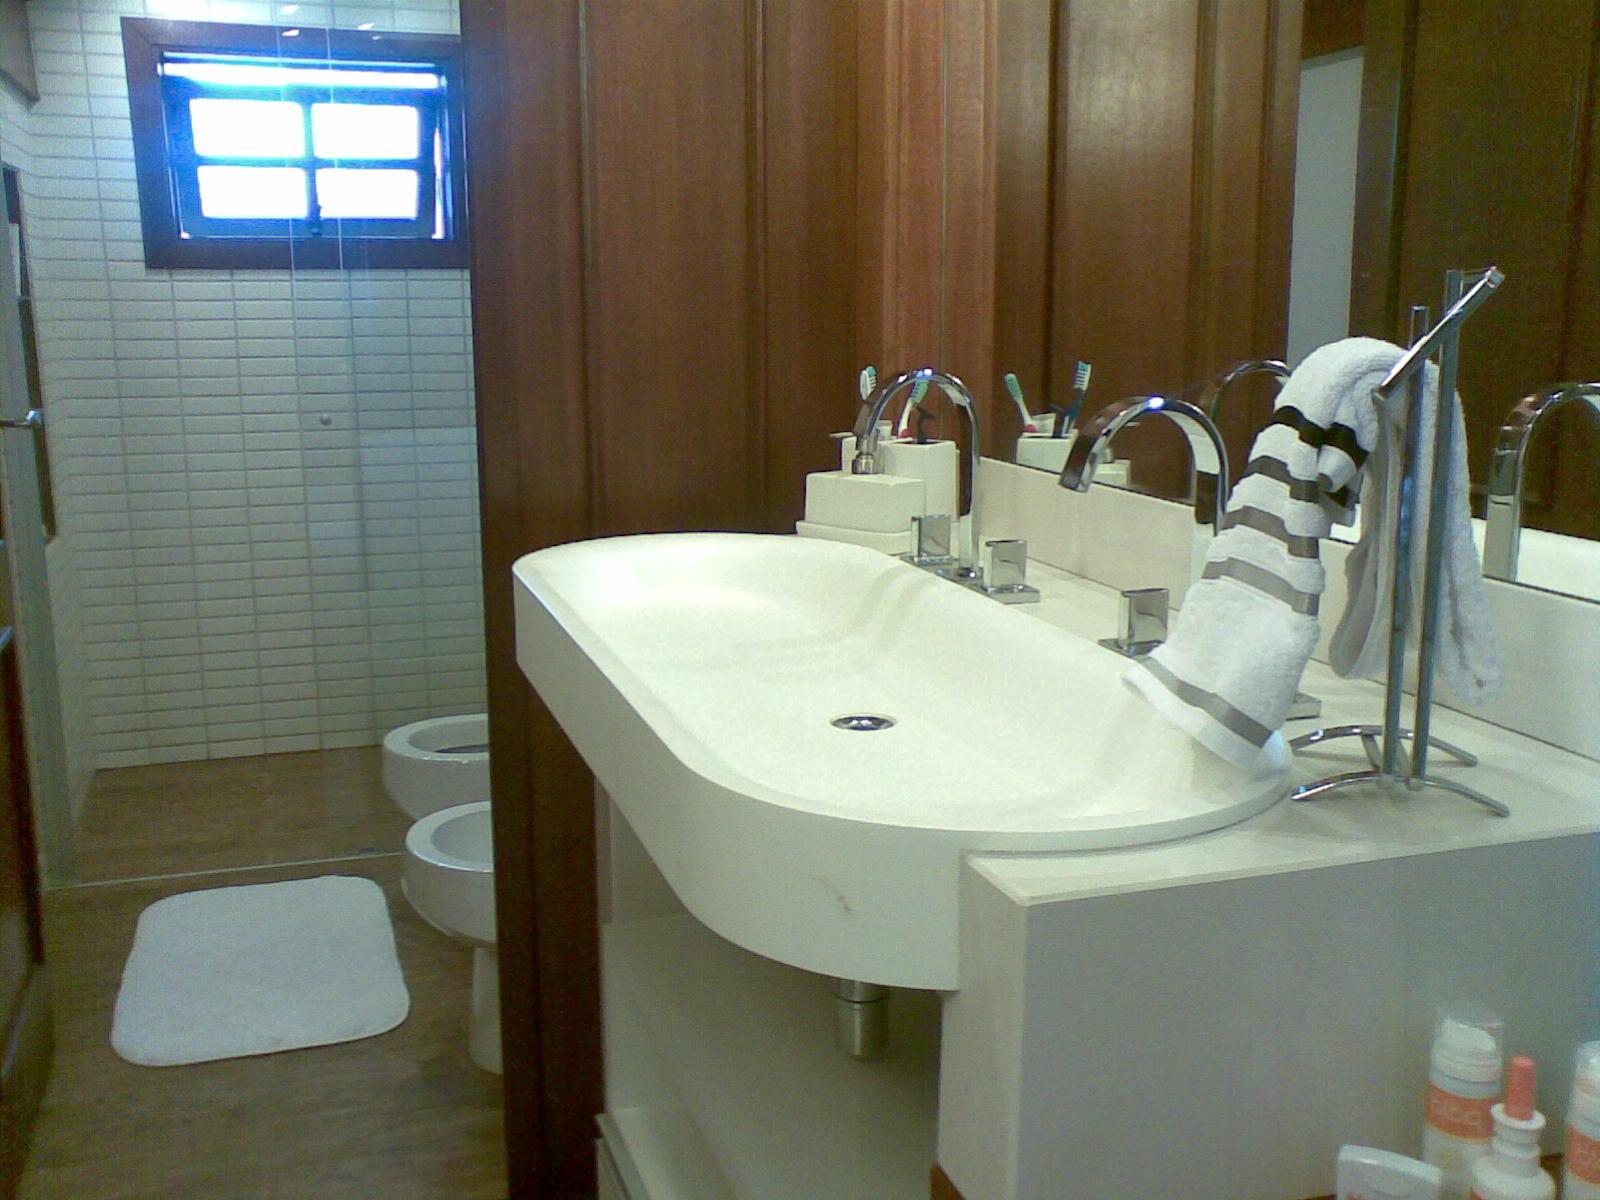 Cuba para Banheiro, Modelos Coloridas e de Diferentes Modelos  Ideias M -> Cuba De Banheiro Roxa